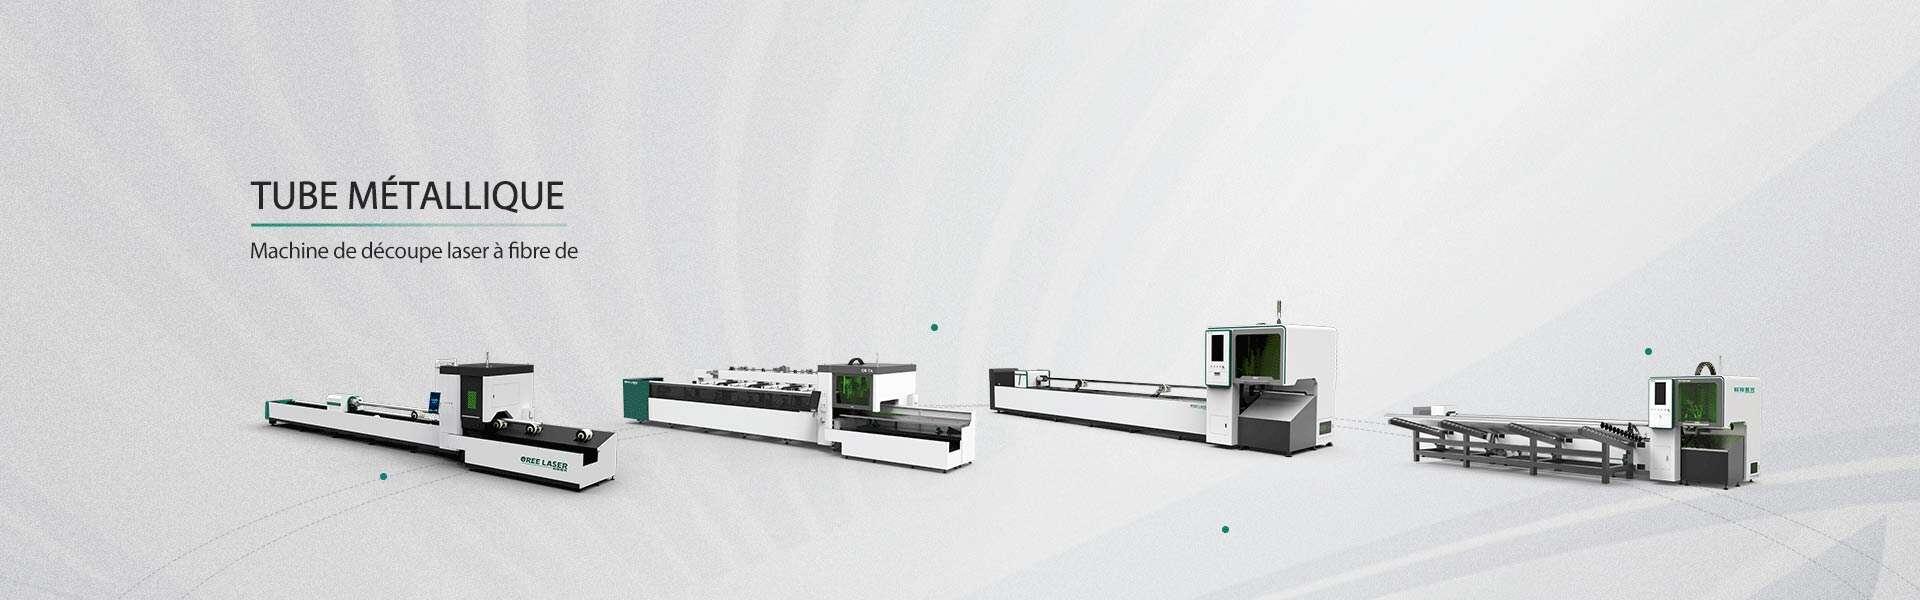 Machine de découpe laser à fibre de tube